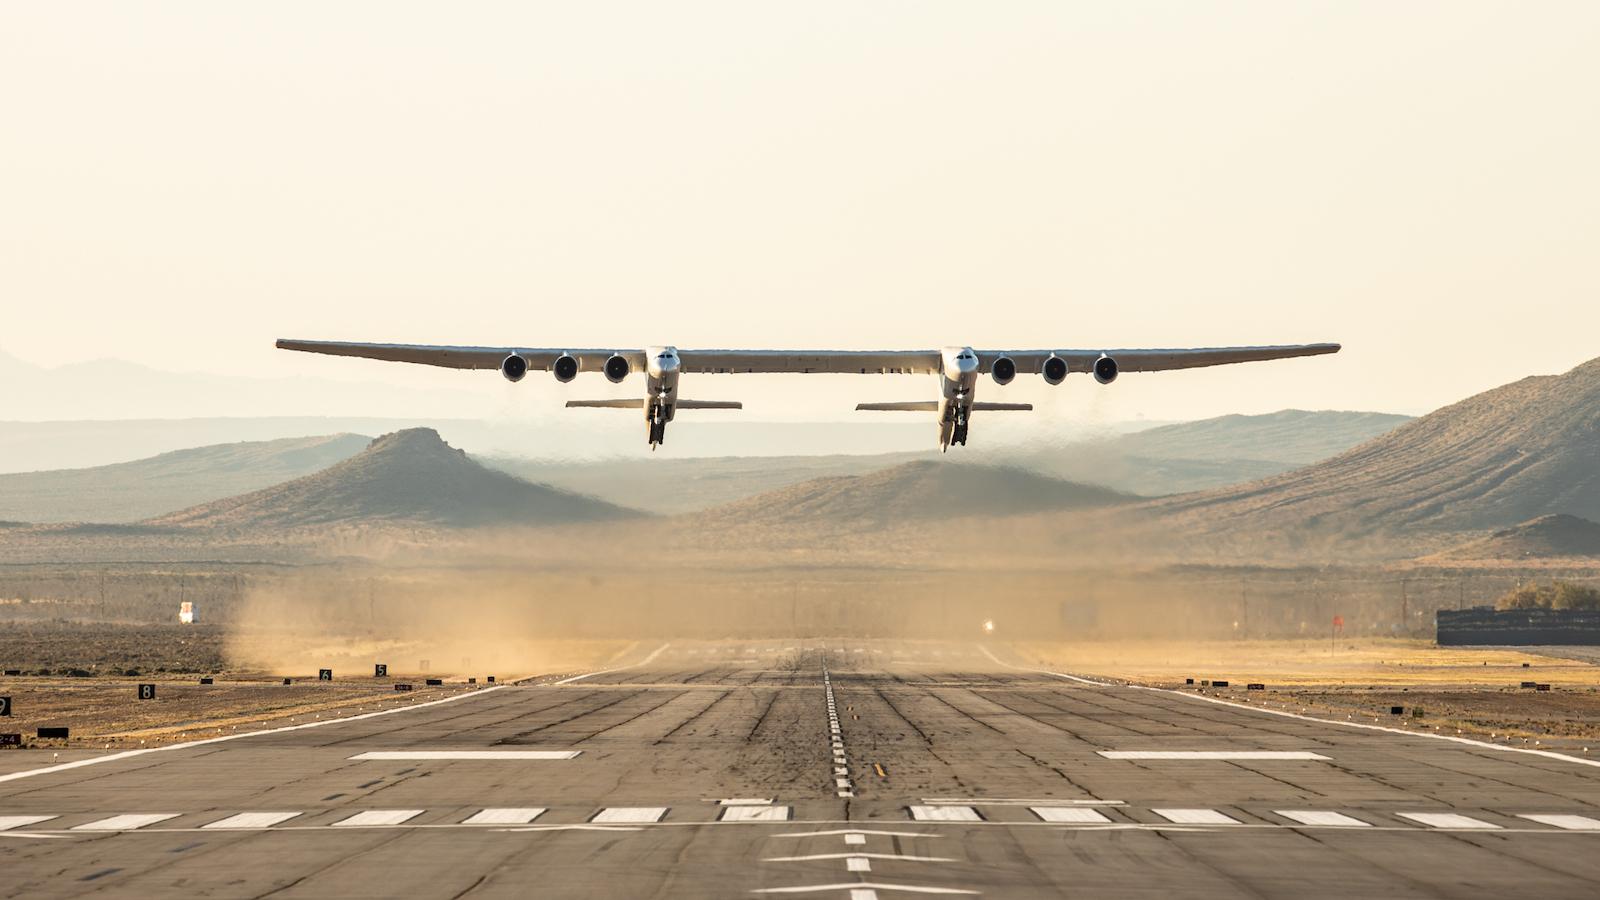 Titanul aerului, cu o anvergură a aripilor de 117m, a finalizat primul zbor de test